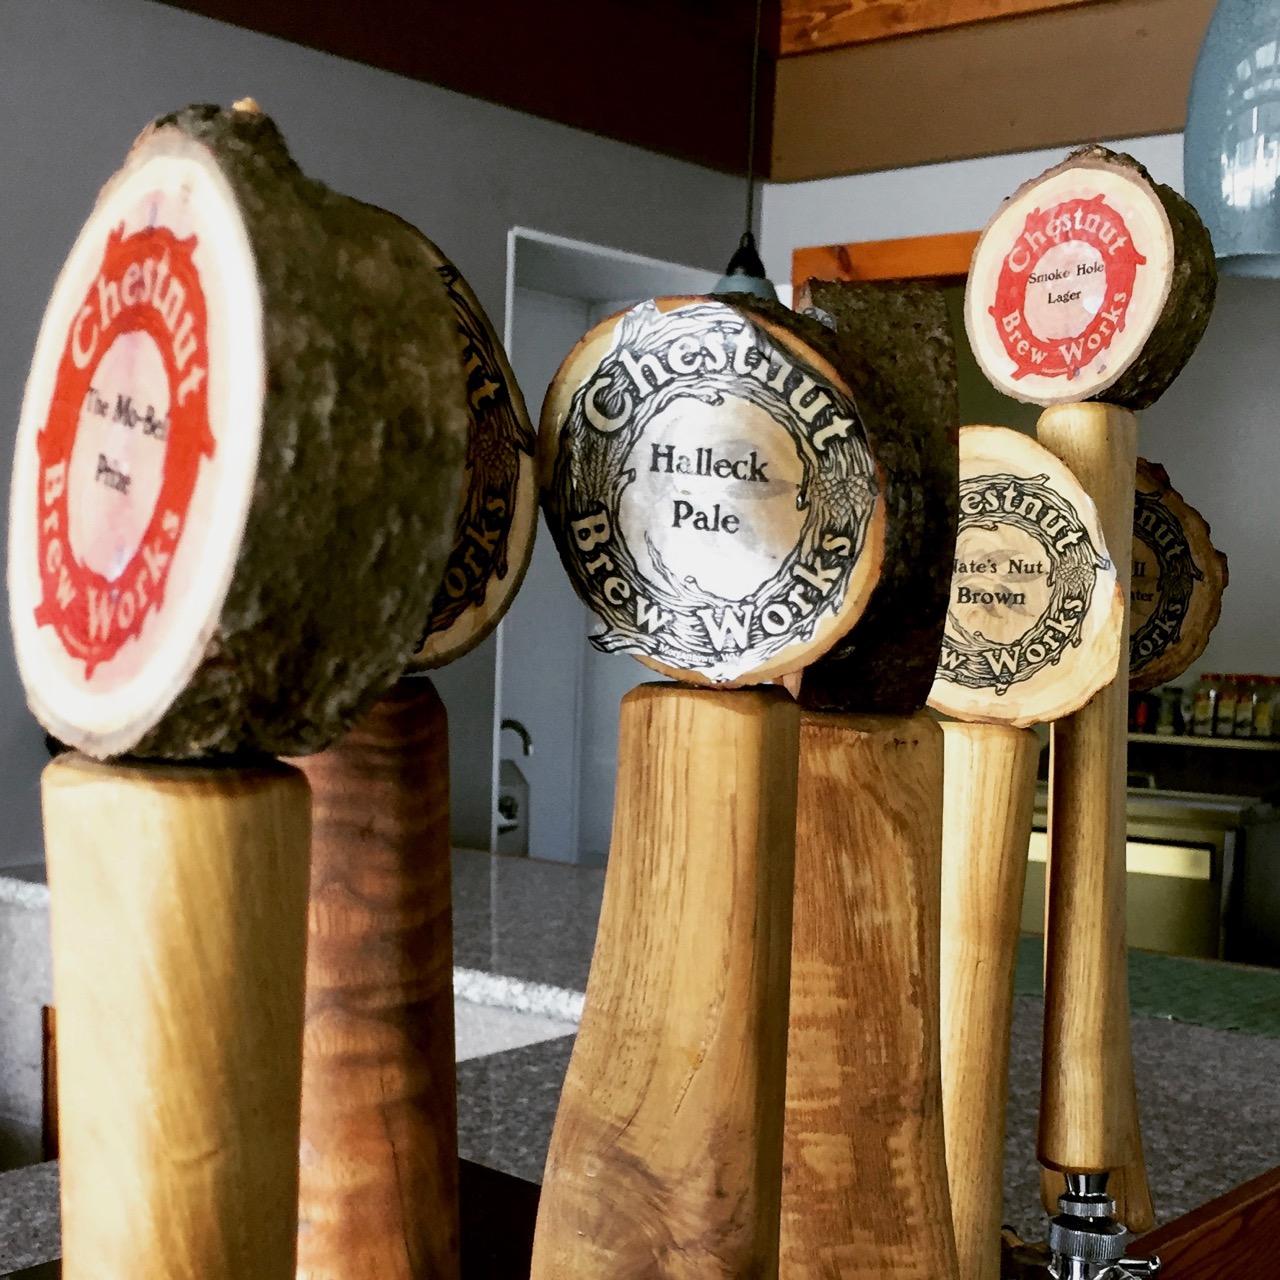 Chestnut BrewWorks